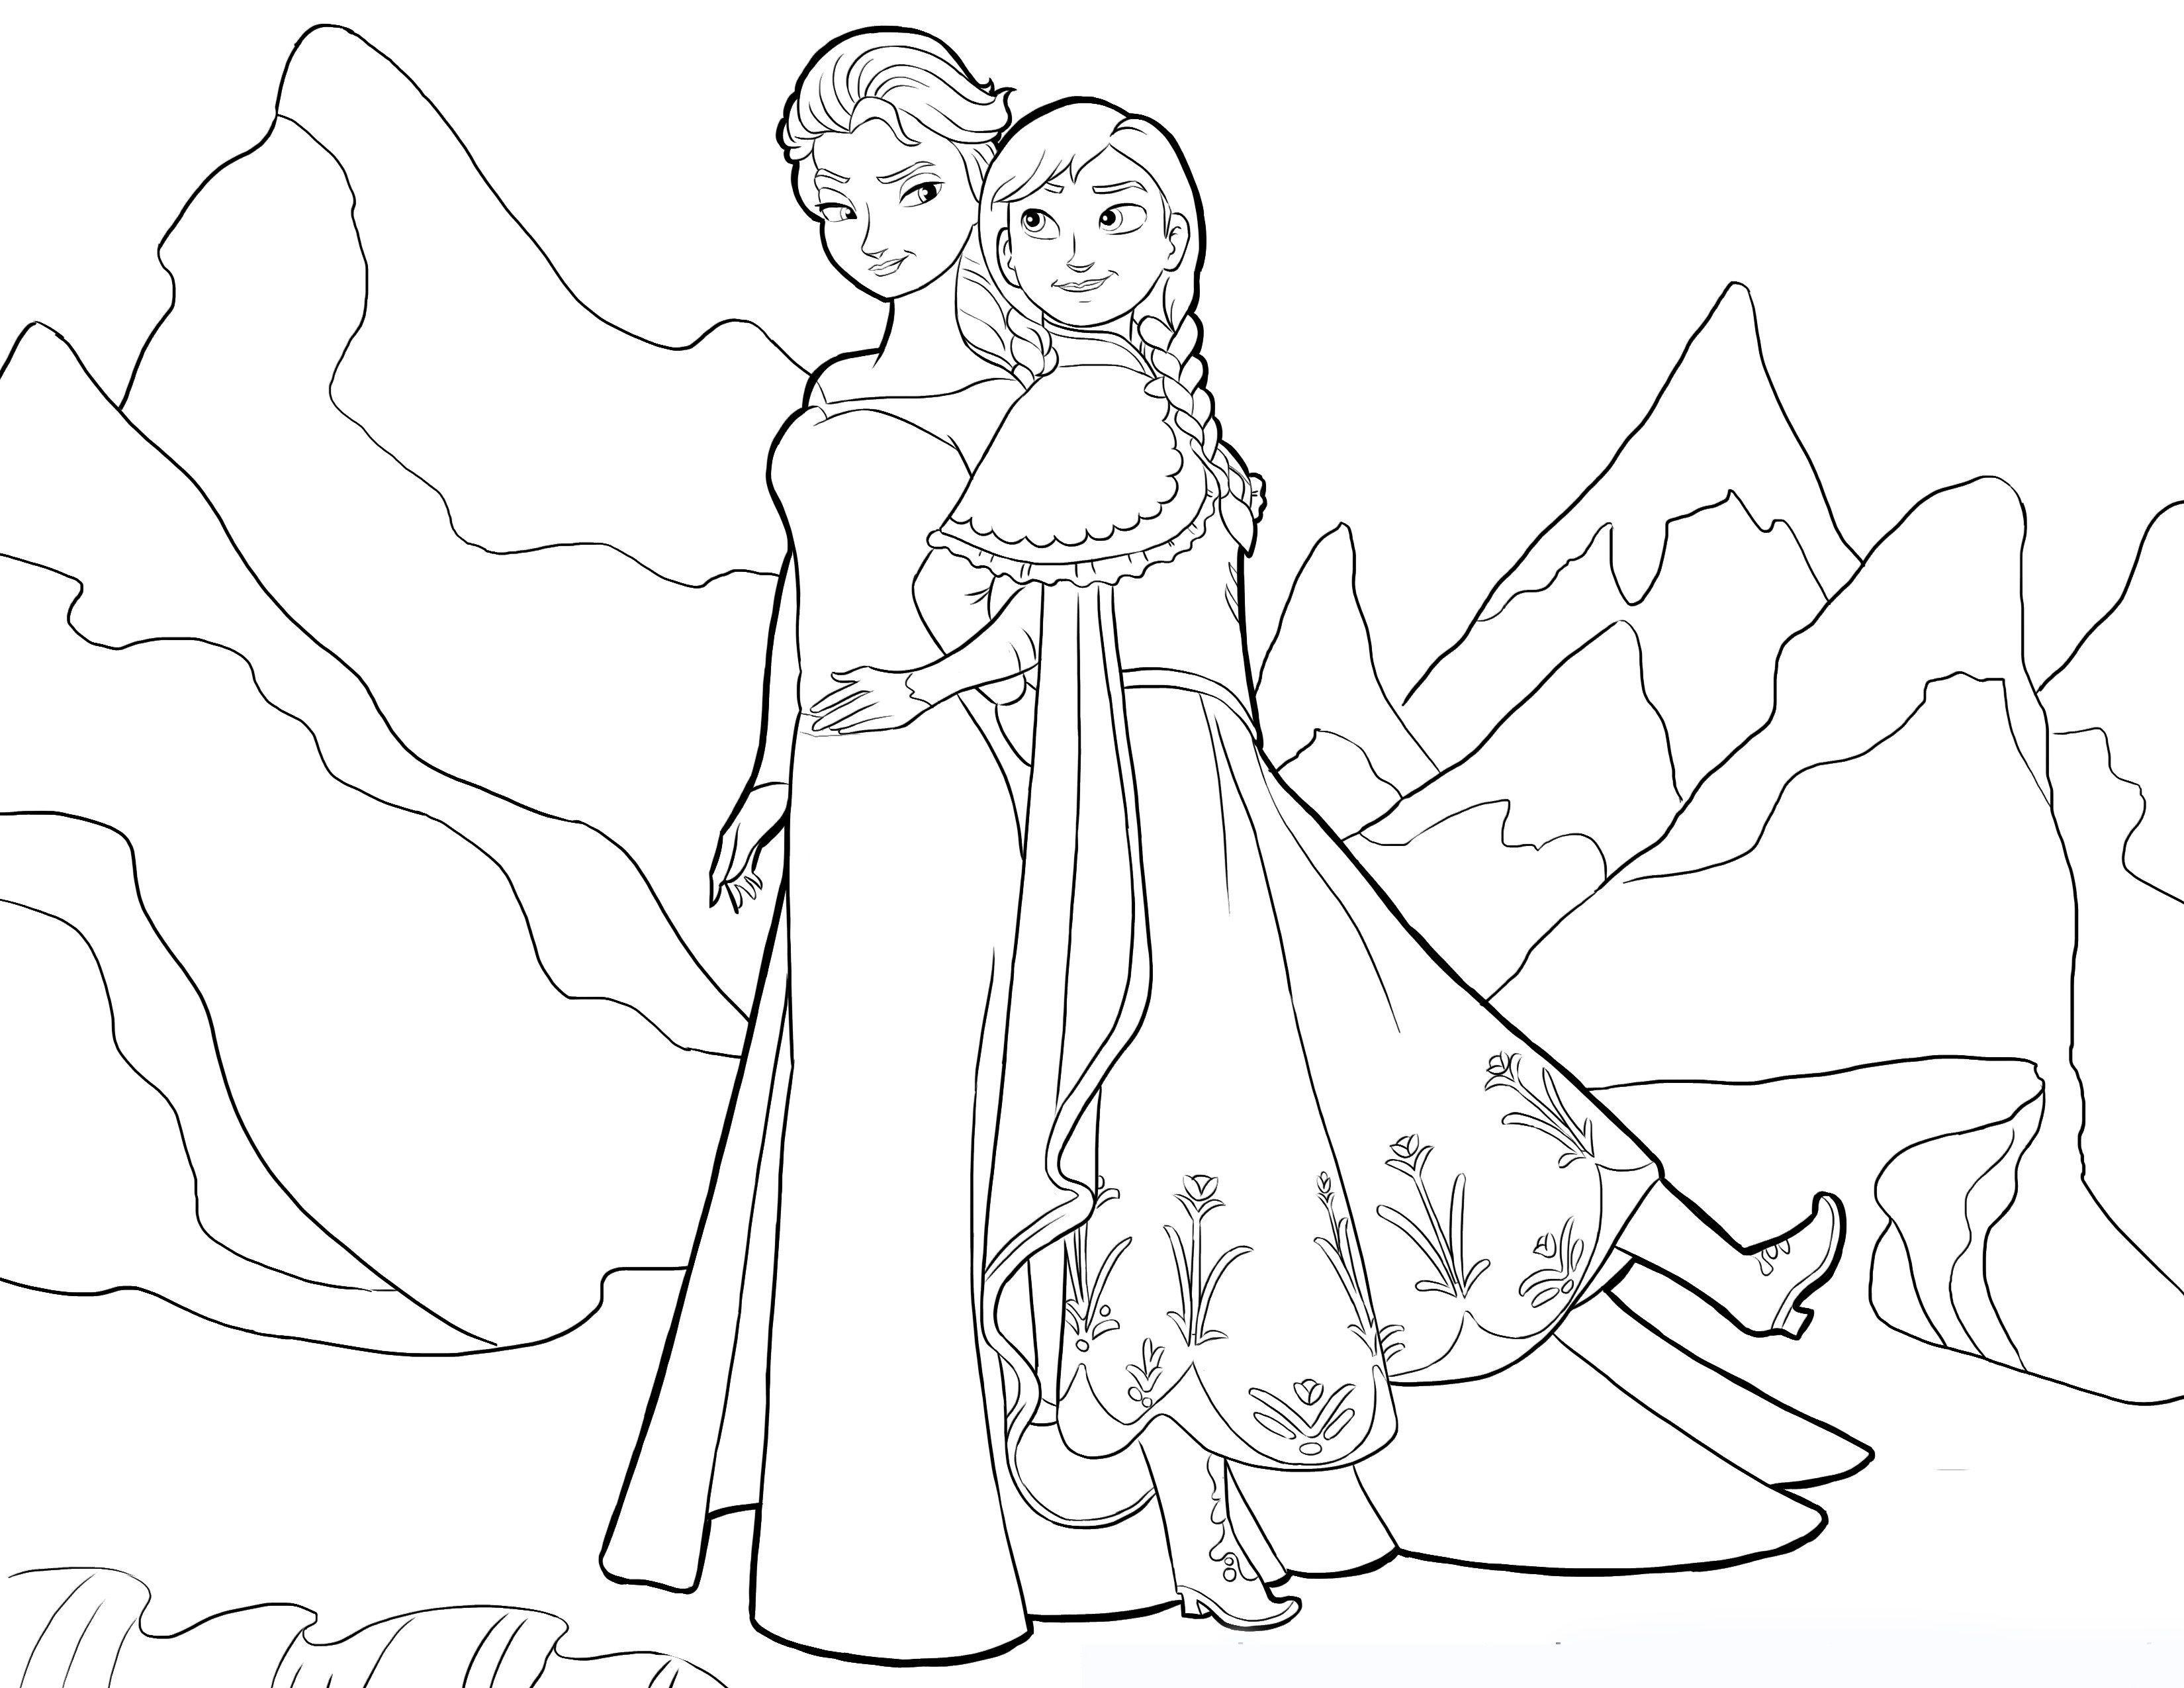 Elsa Und Anna Und Olaf Ausmalbilder : Frozen Ausmalbilder Malvorlagen Zeichnung Druckbare N 4